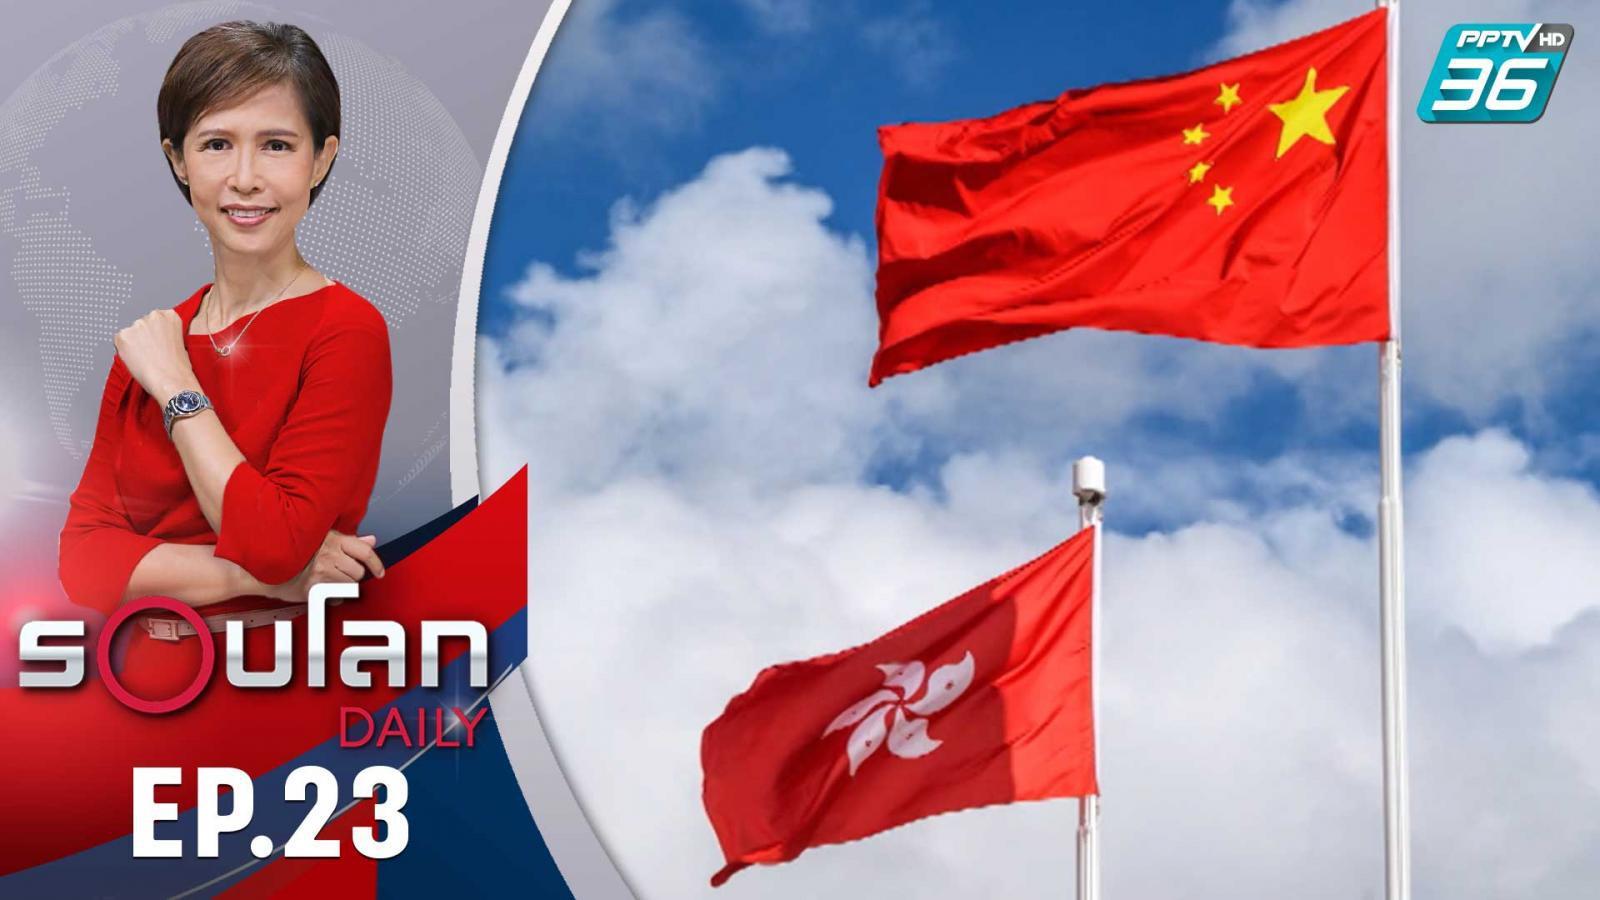 ฮ่องกงจัดพิธีครบรอบ 23 ปี ส่งฮ่องกงคืนจีน ท่ามกลางการบังคับใช้กฎหมายความมั่นคงฉบับใหม่วันนี้